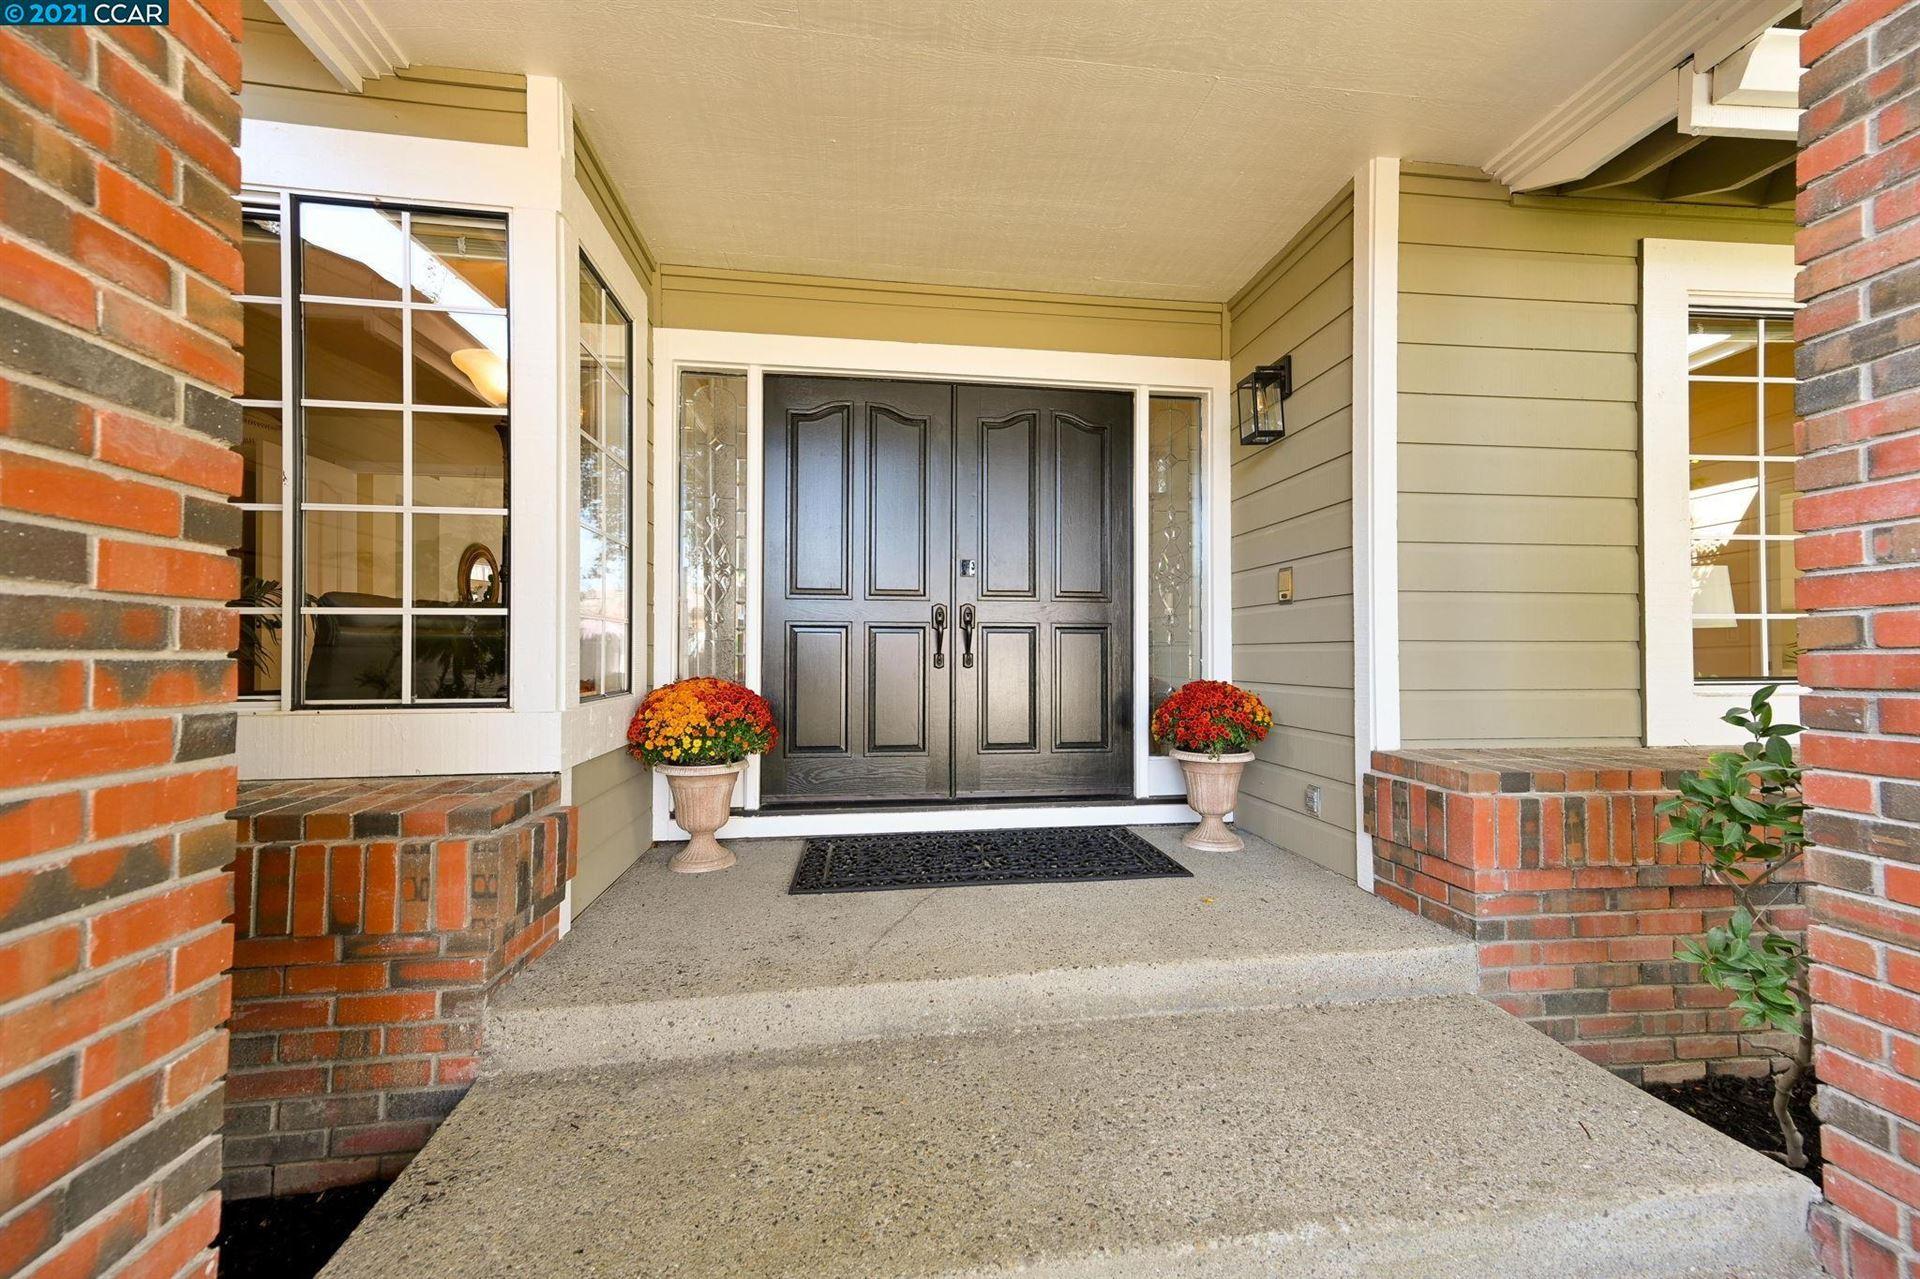 Photo of 20 Grandview Ct, DANVILLE, CA 94506 (MLS # 40968640)